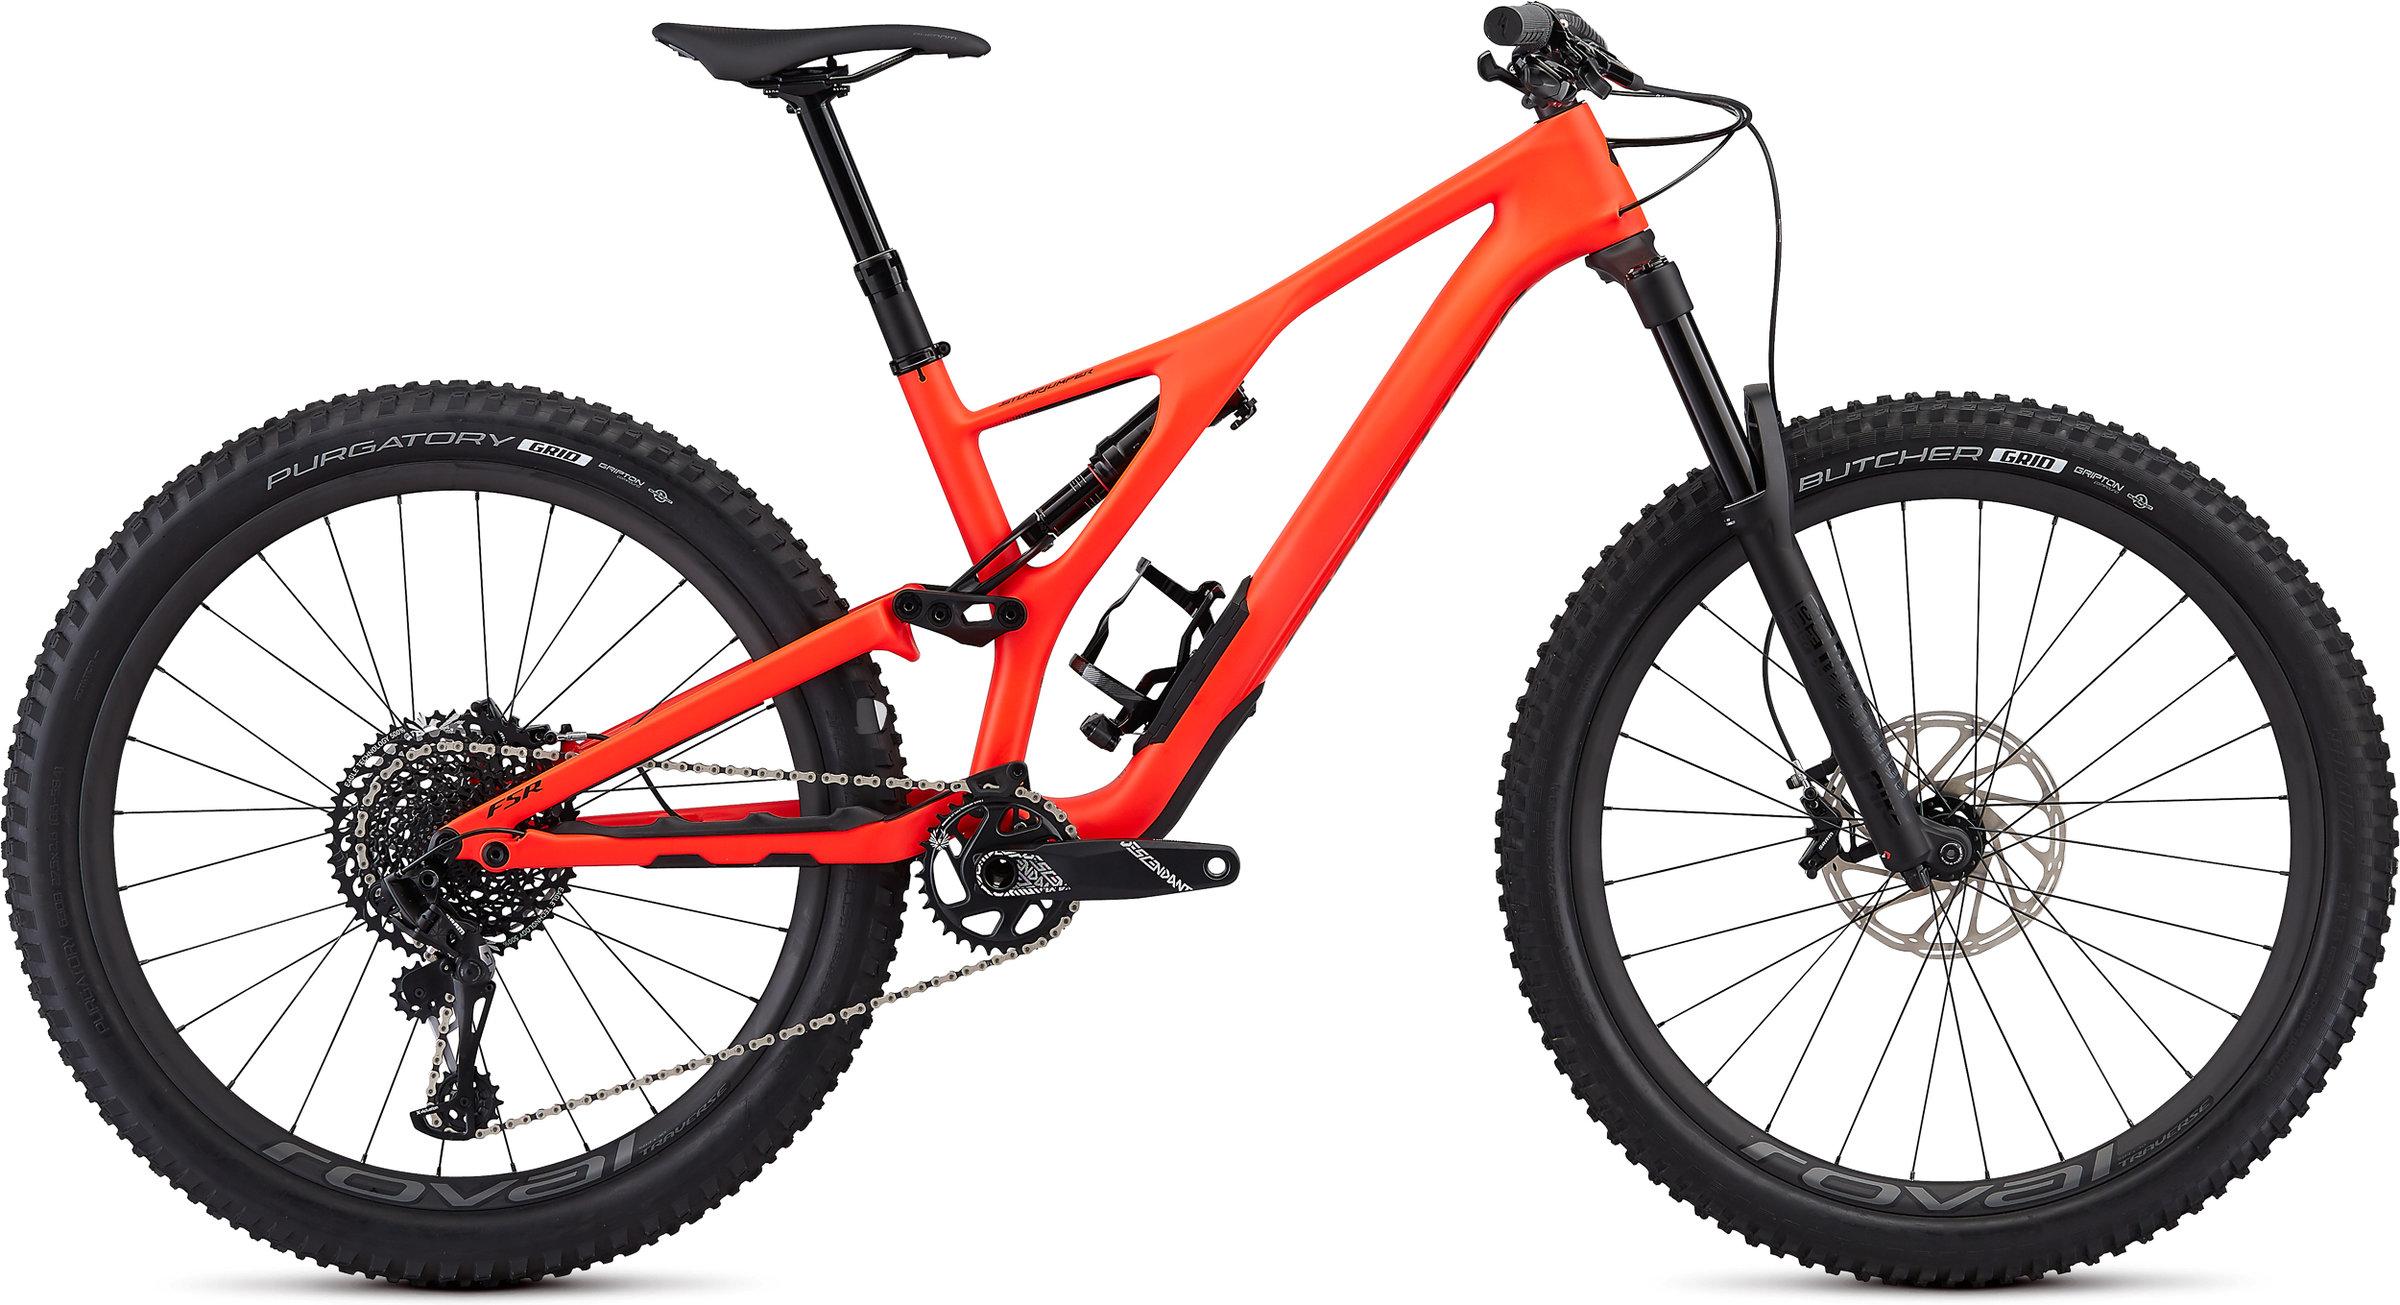 bcefc6d1e5b Specialized Men's Stumpjumper Expert 27.5 - Wheel World Bike Shops ...